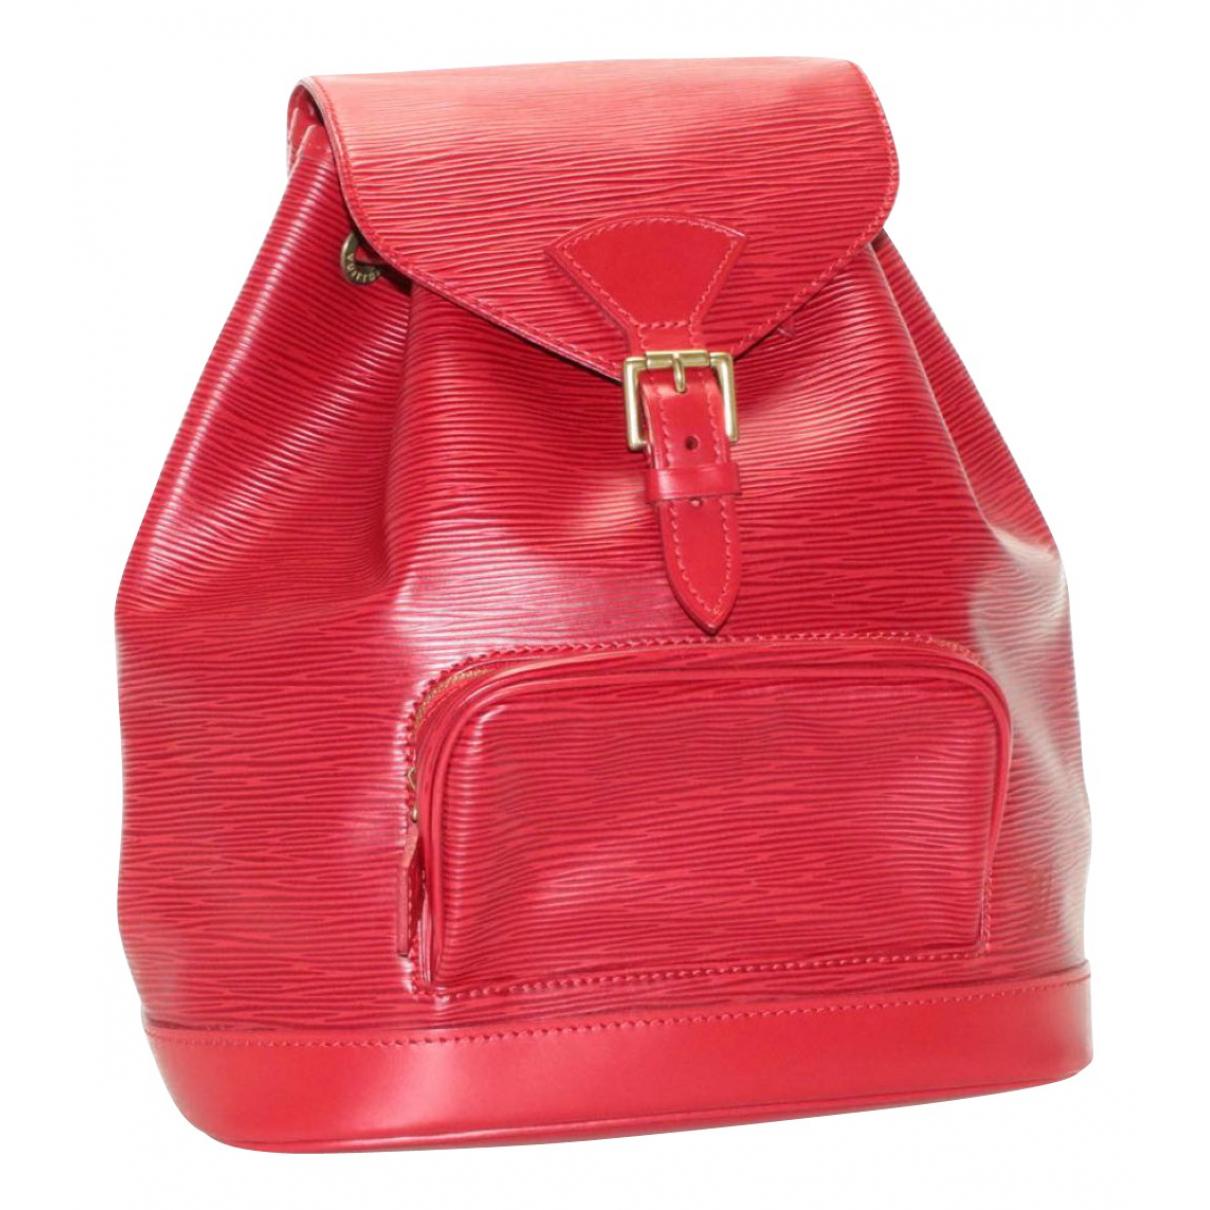 Louis Vuitton Montsouris Rucksaecke in  Rot Leder